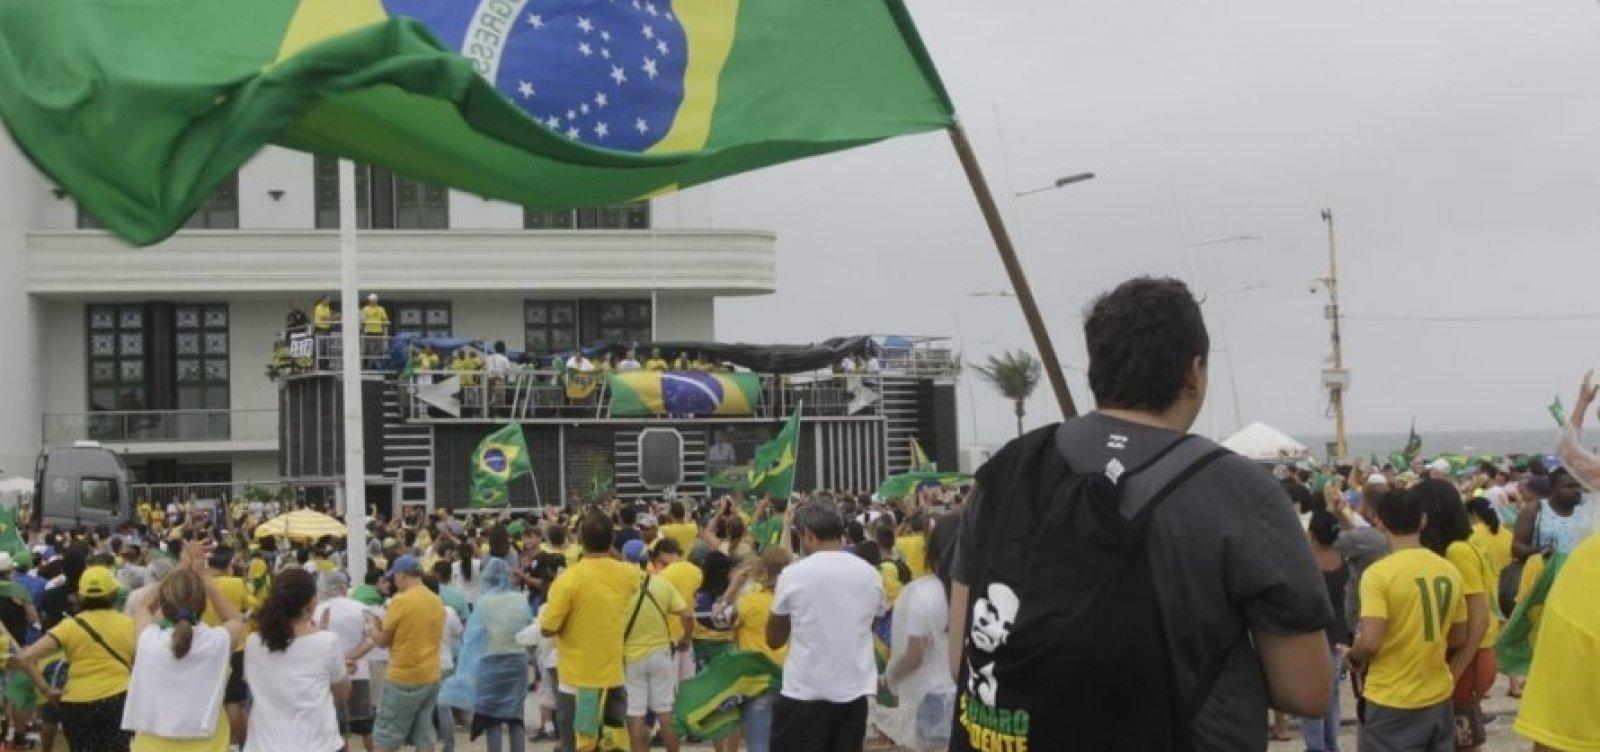 [Líder do MBL na Bahia espera reunir até 2 mil pessoas no Farol da Barra]